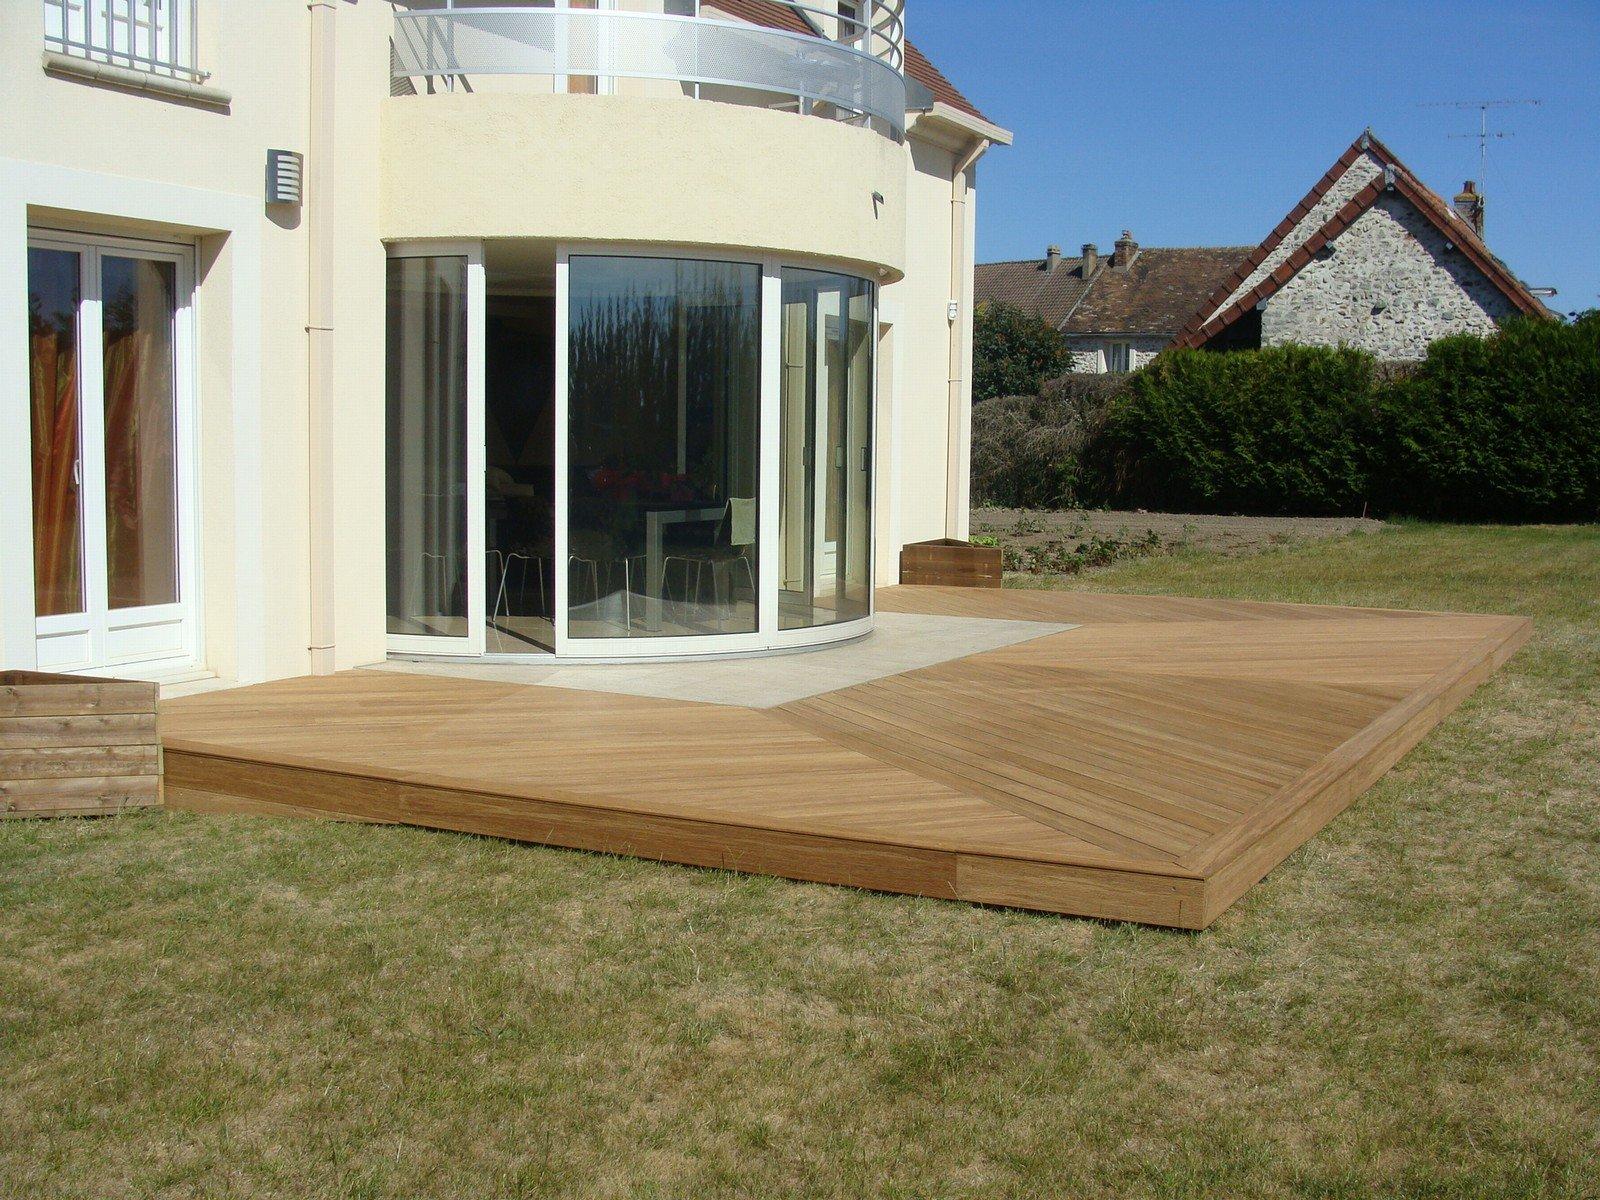 Terrasses de Normandie Terrasses en bois pour Mobil Home et maisons Terrasses en bois  # Terrasse Bois Pour Mobil Home